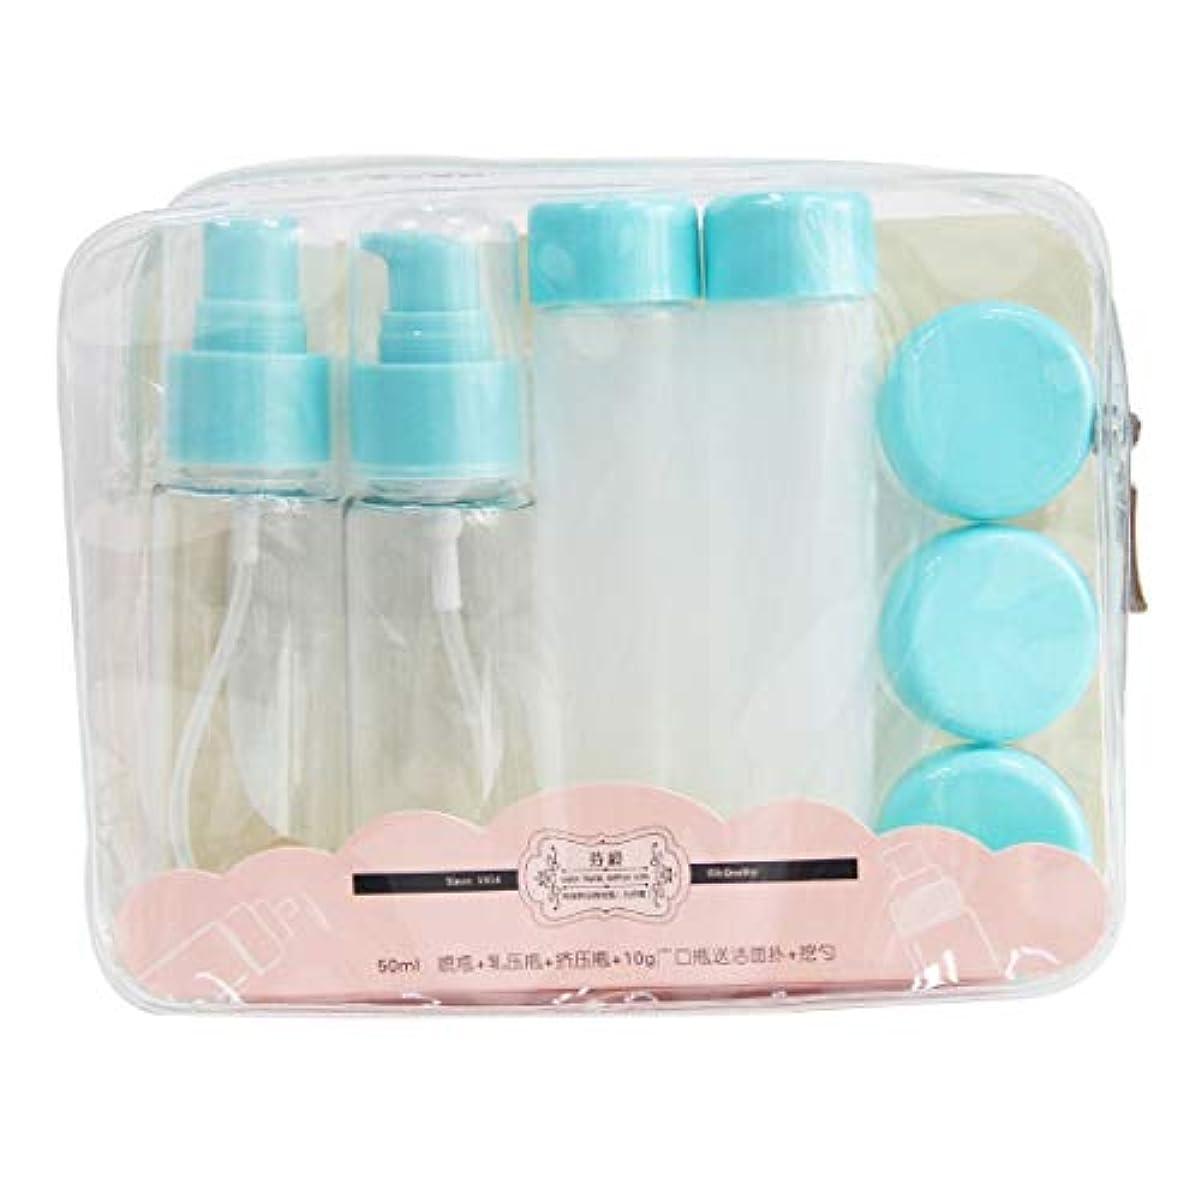 写真を撮る定期的に群がるMEI1JIA QUELLIA F3766旅行サブパッケージ化粧品ボトルキット(ピンク) (色 : Blue)